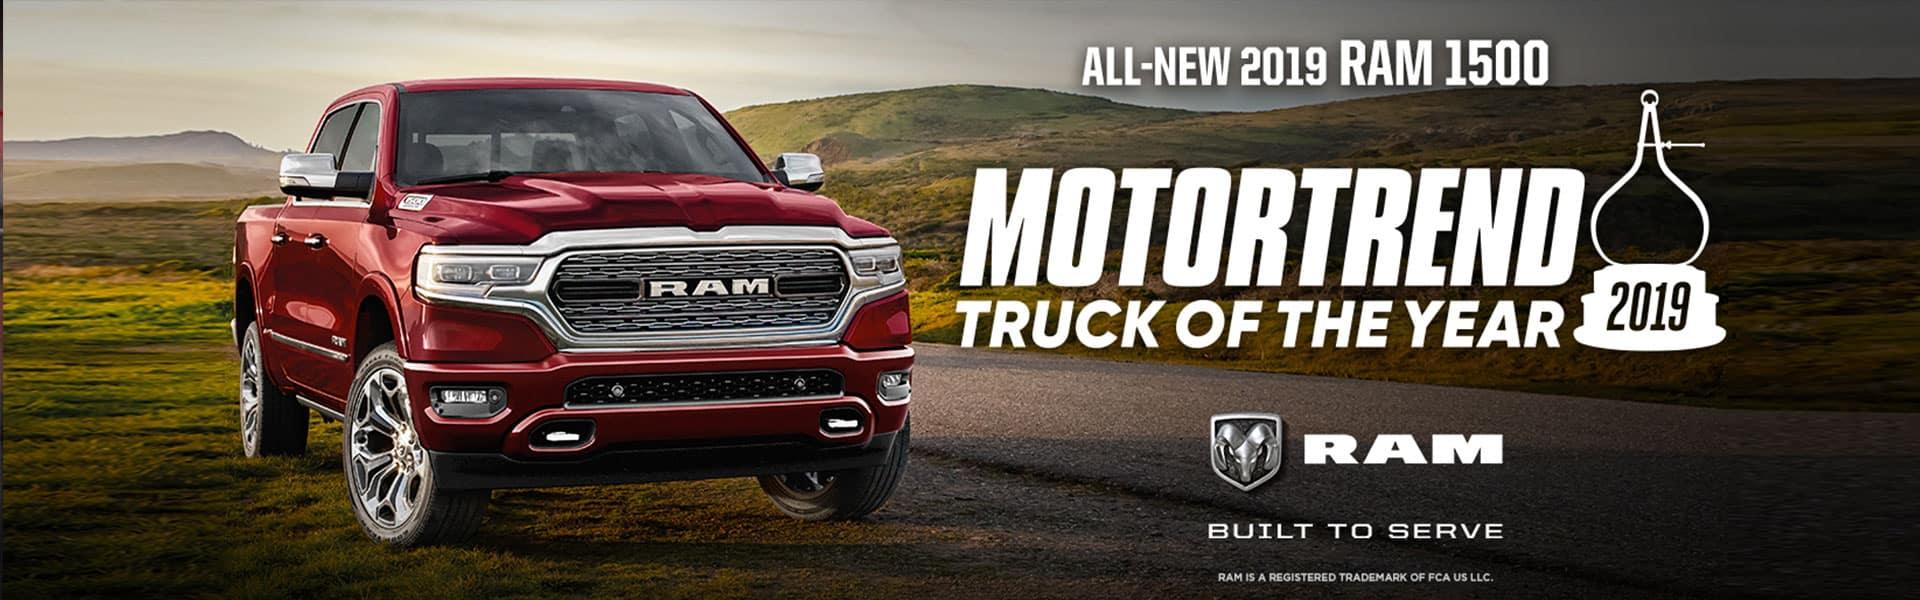 RAM Truck MotorTrend_